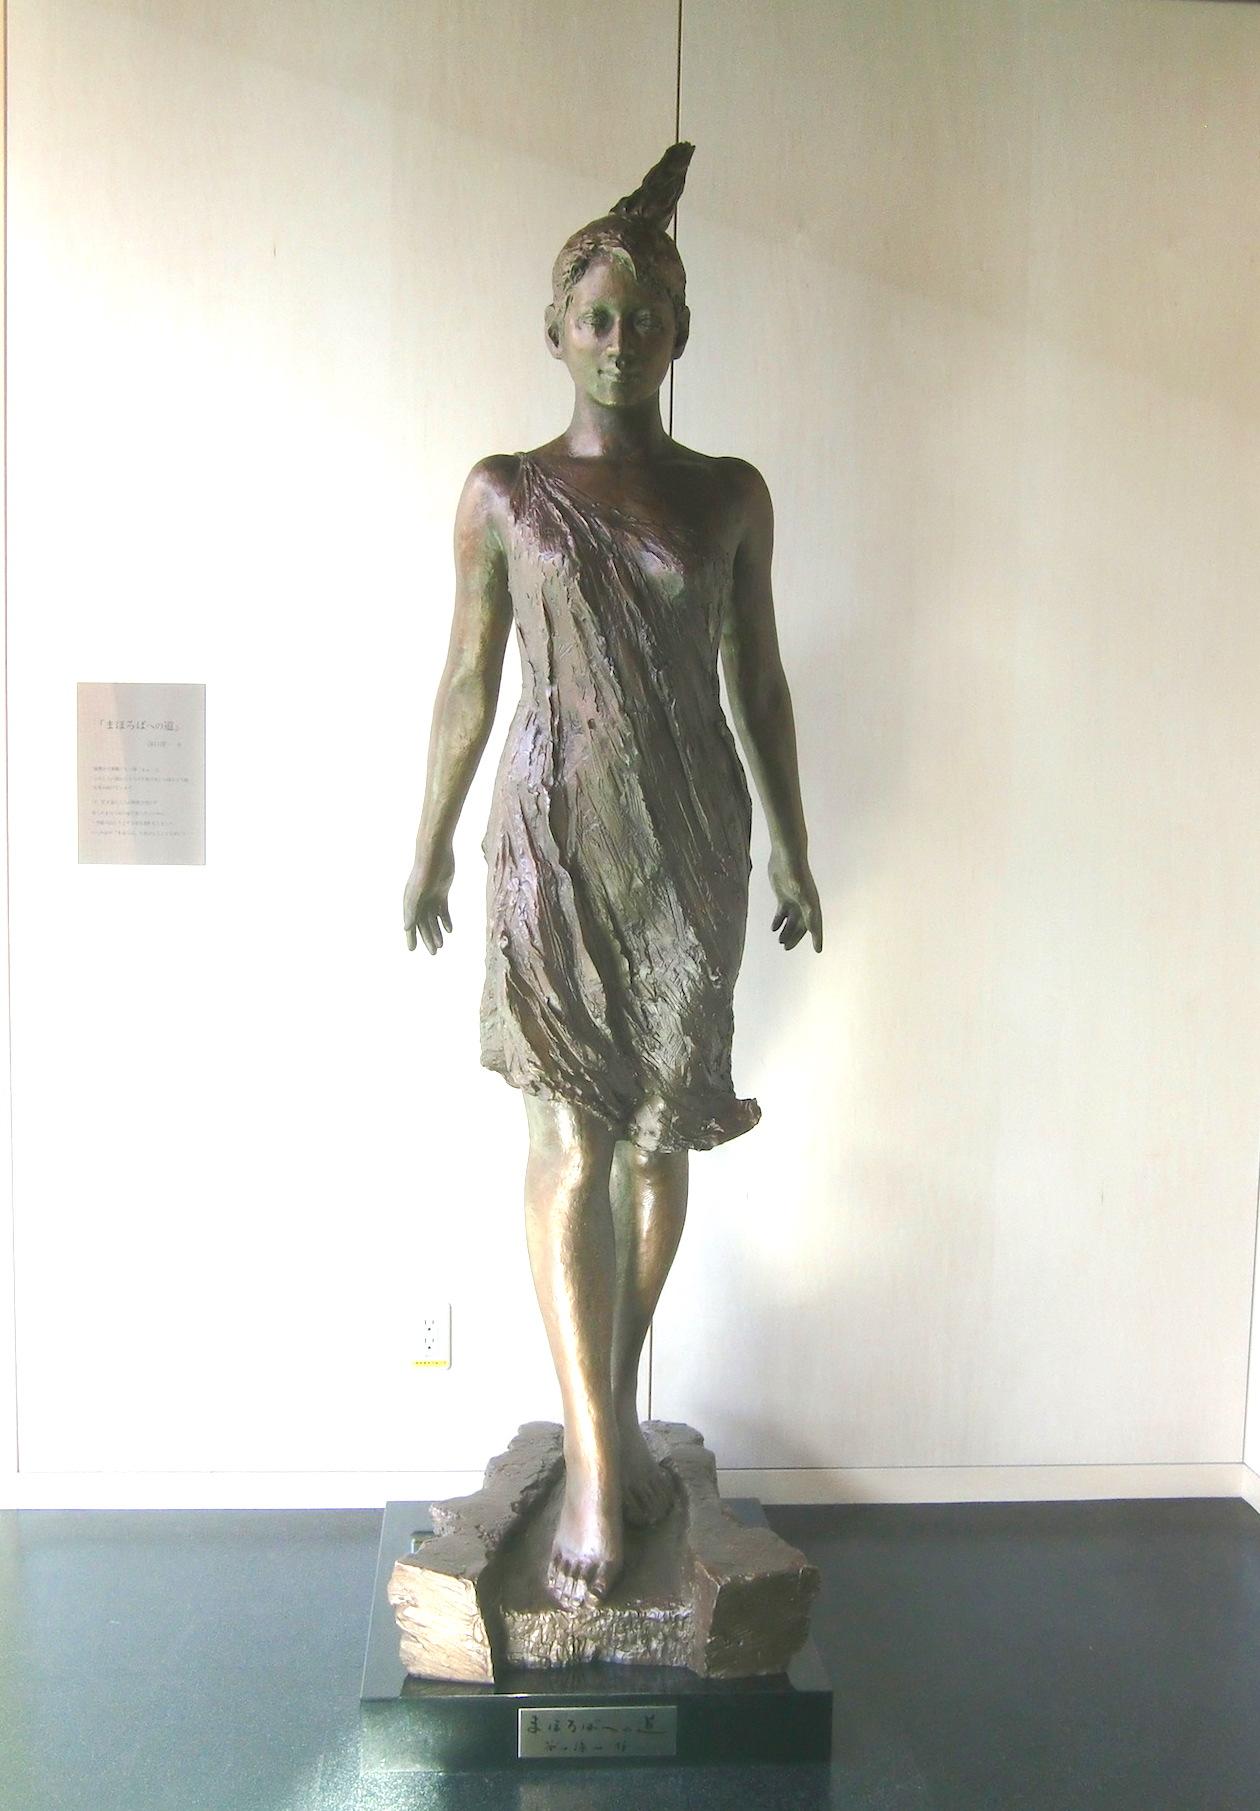 「まほろばへの道」ブロンズ彫刻  谷口淳一 日展会員、京都教育大学名誉教授